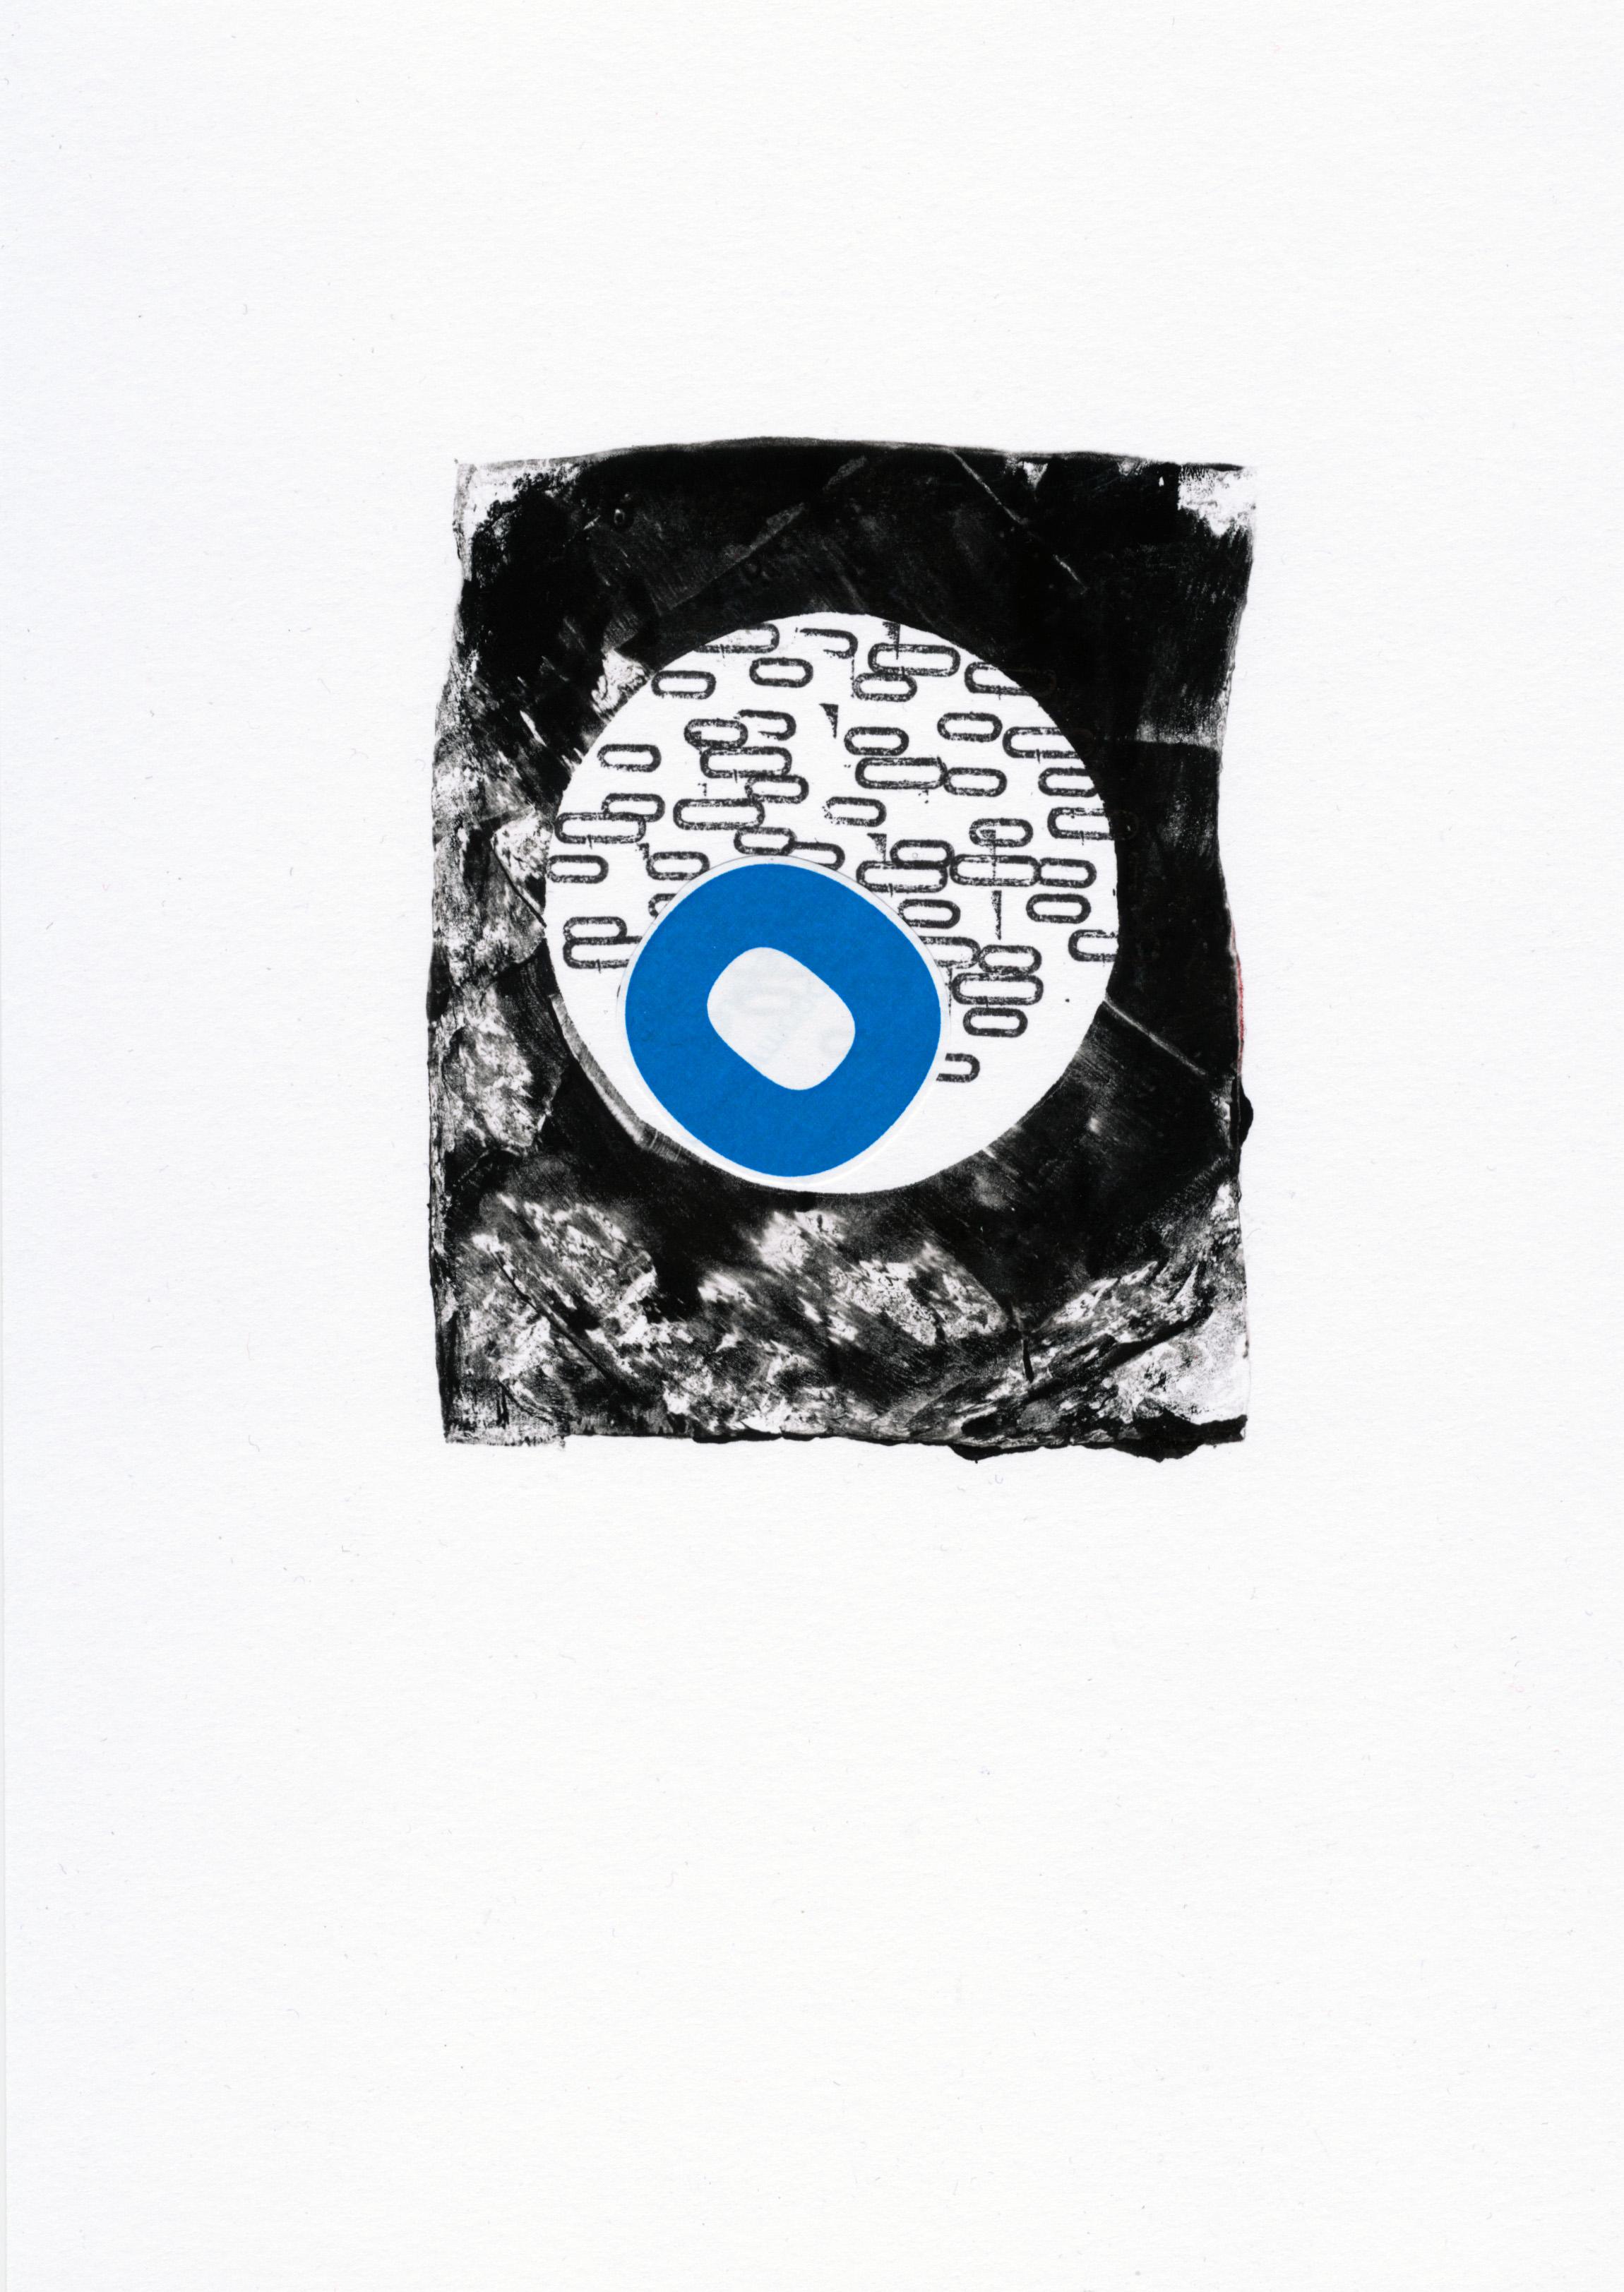 analogue collage gelliprint minimal waste